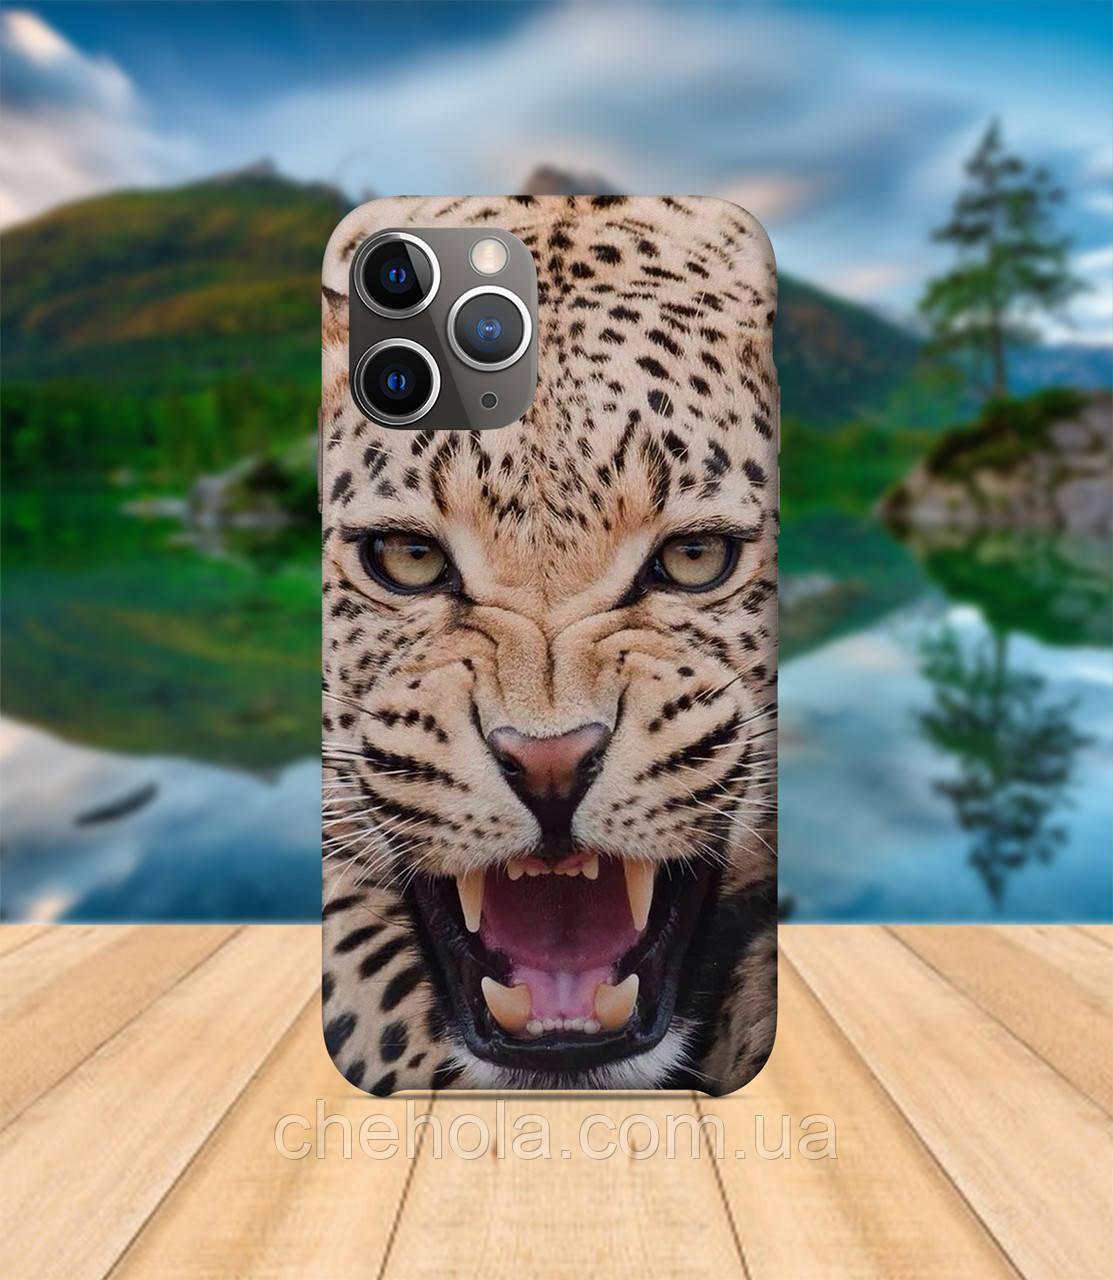 Чохол iPhone 11 PRO MAX Леопард з принтом